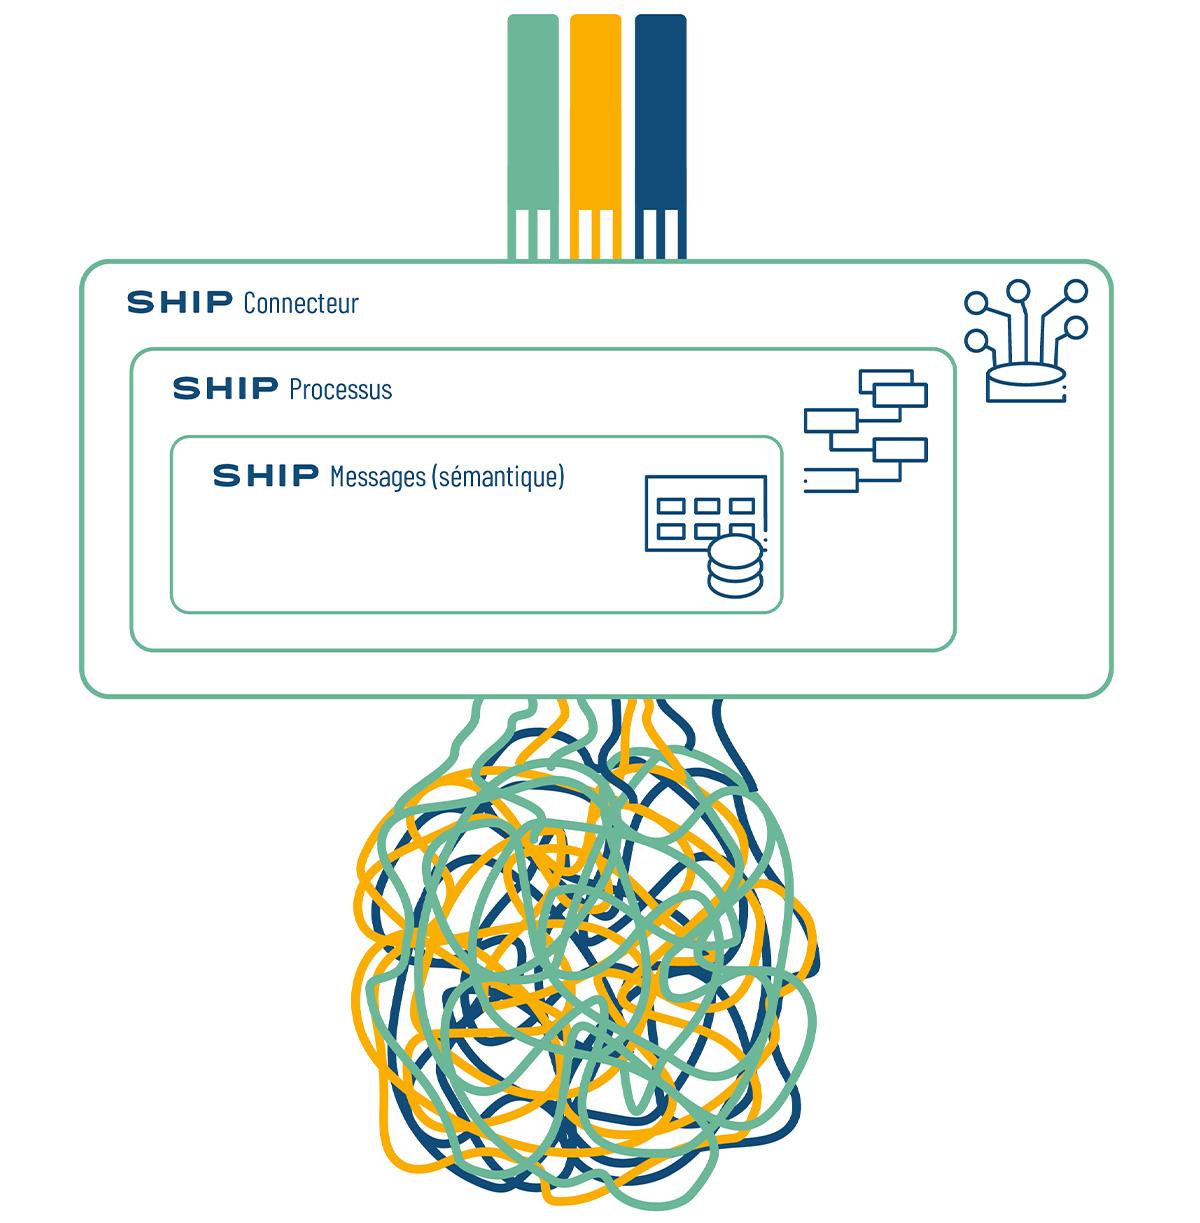 SHIP réunit dans un seul et même standard technique la totalité des contenus requis en matière de sémantique et de processus.